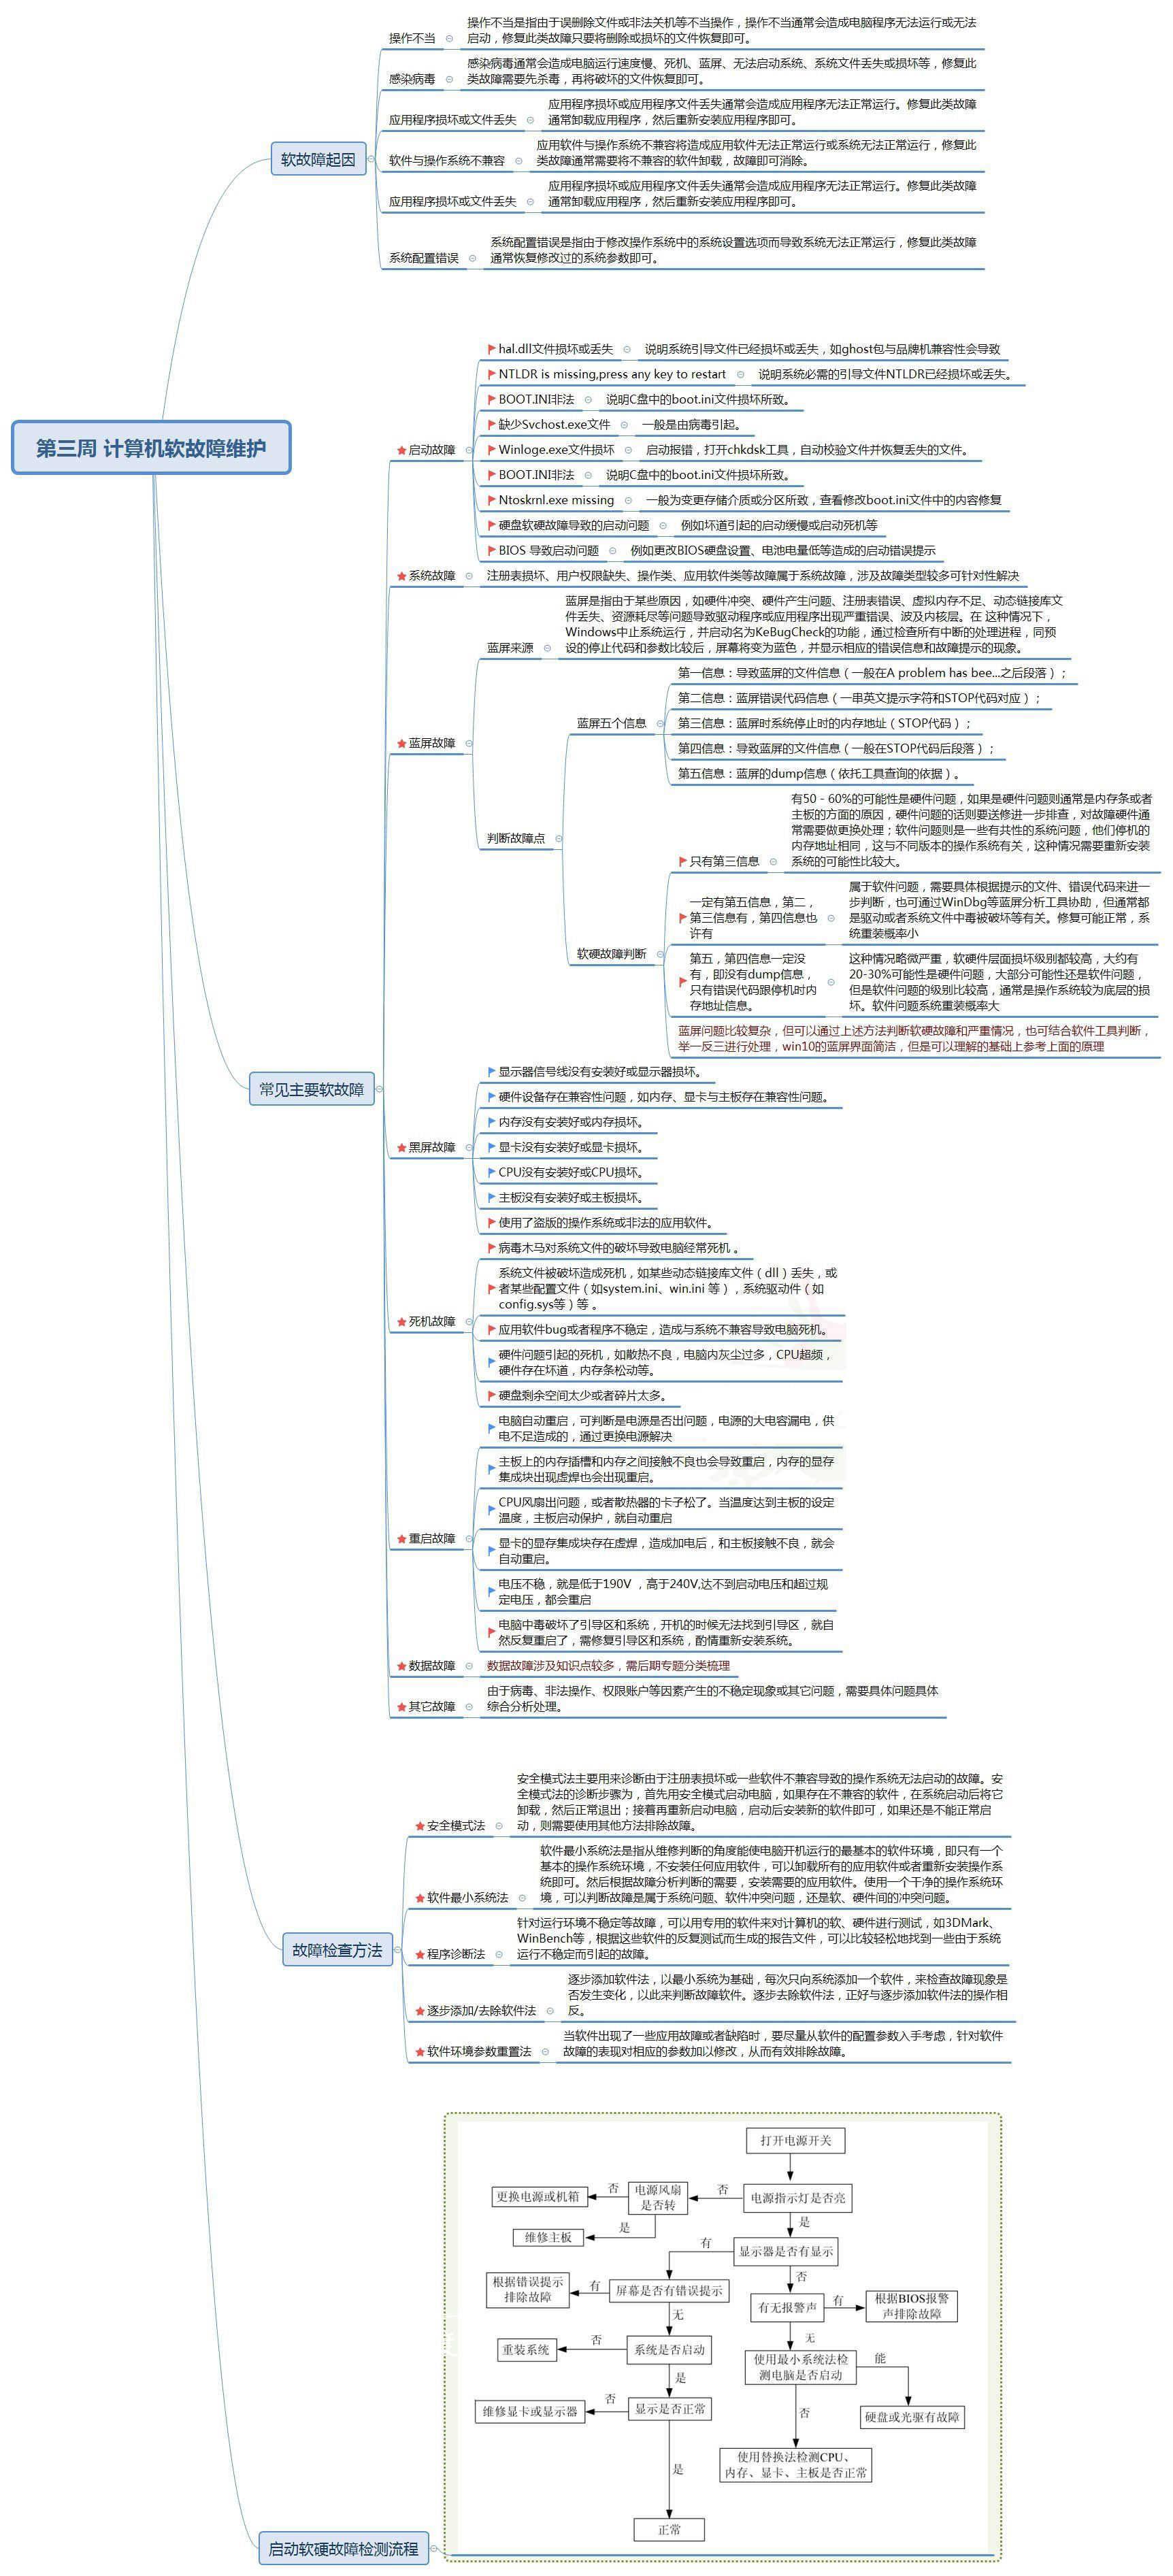 一张图让你秒懂电脑故障知识